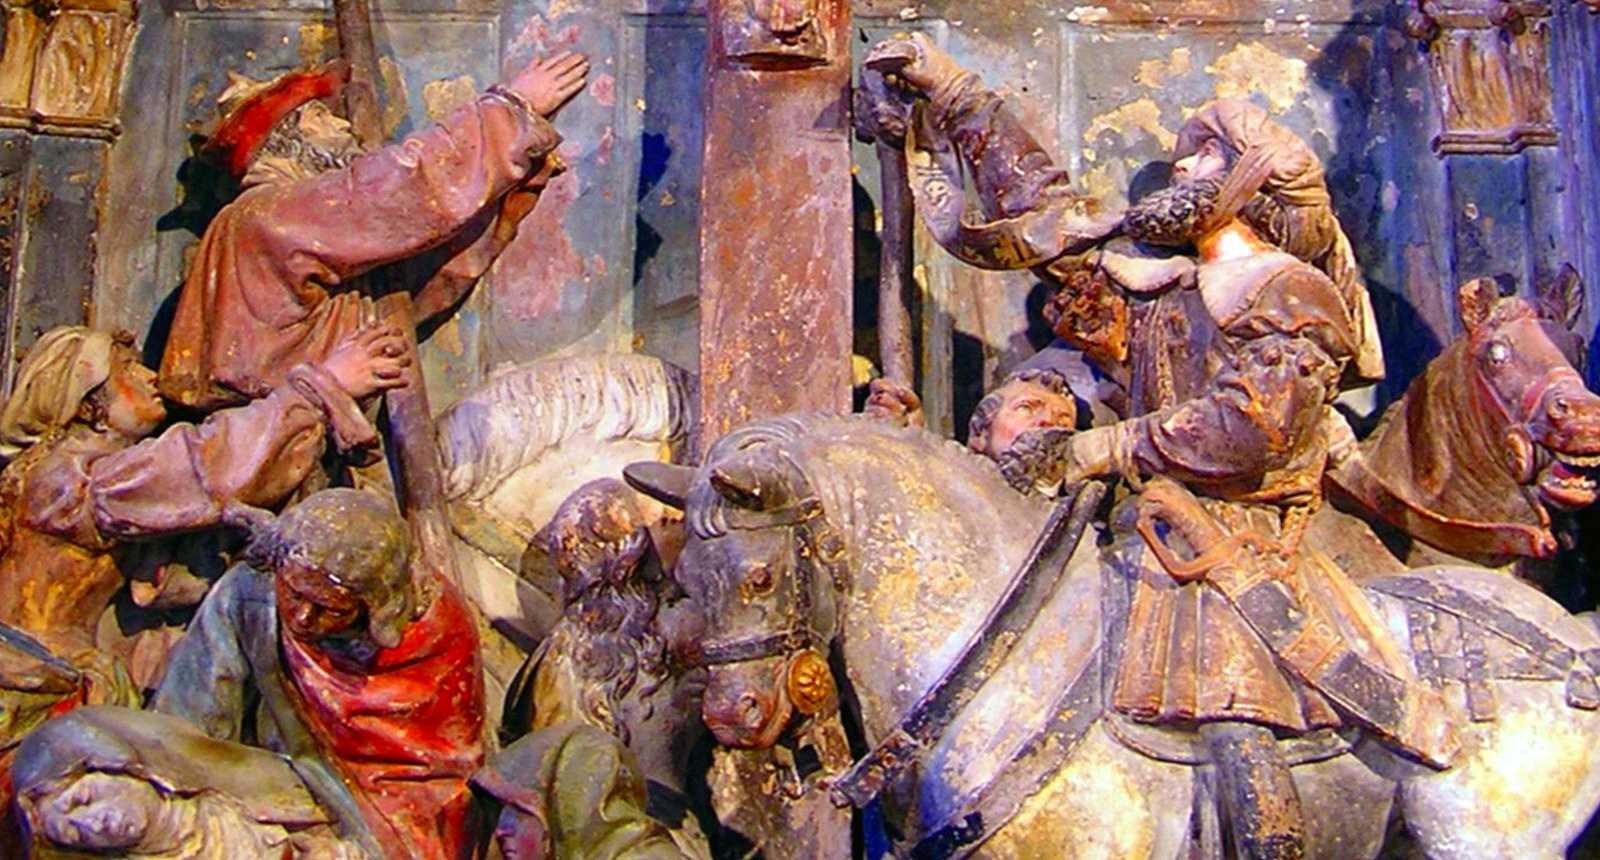 Détail du retable de l'église fortifiée d'Hattonchâtel